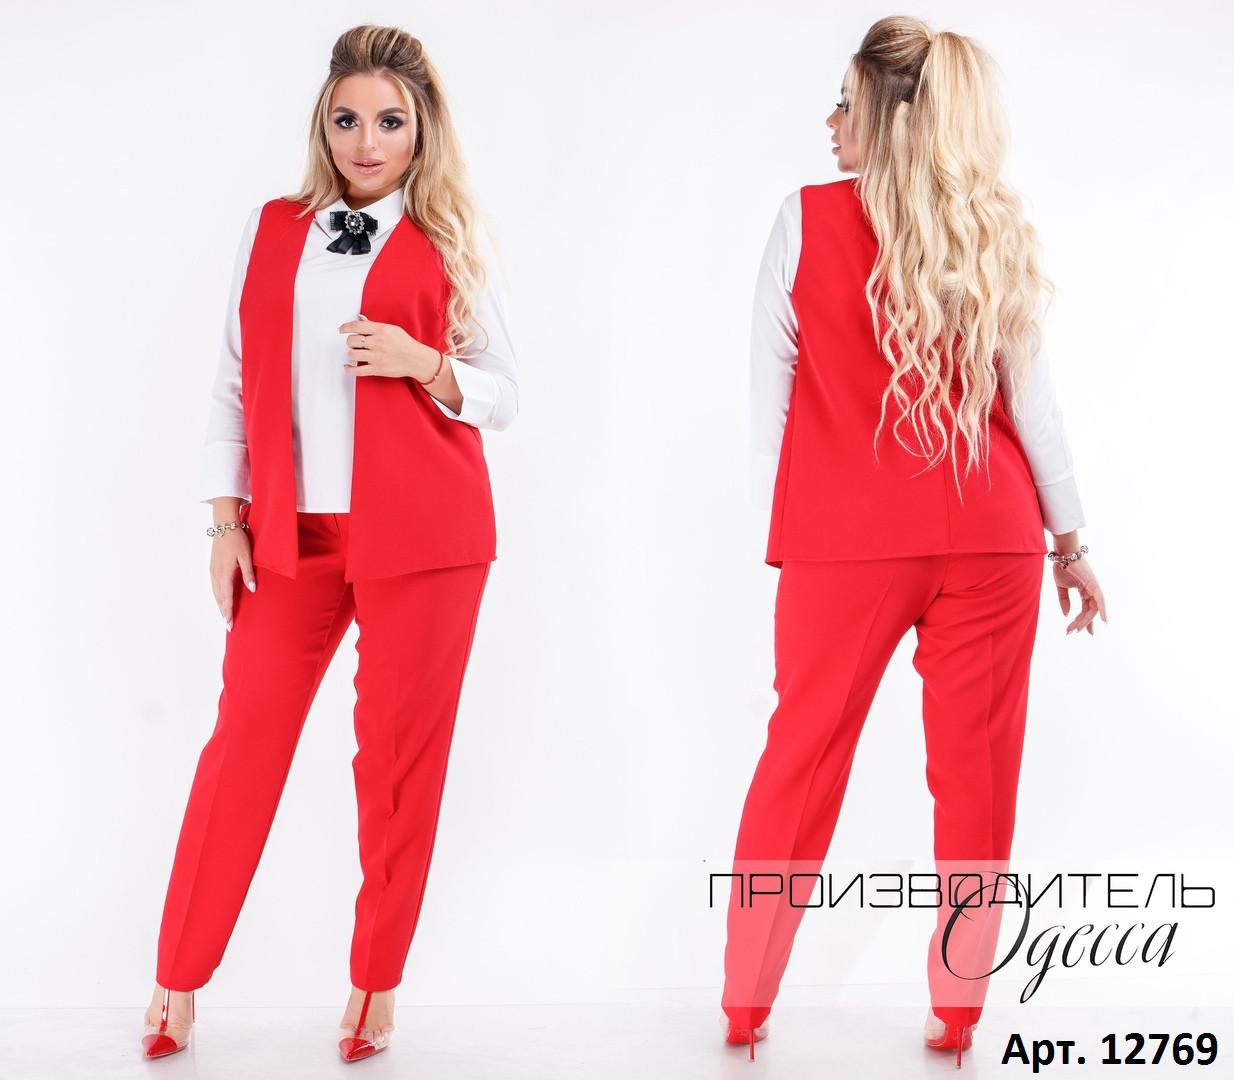 4661dc559e6 Вечернее платье 58 размера в категории костюмы женские в Украине. Сравнить  цены